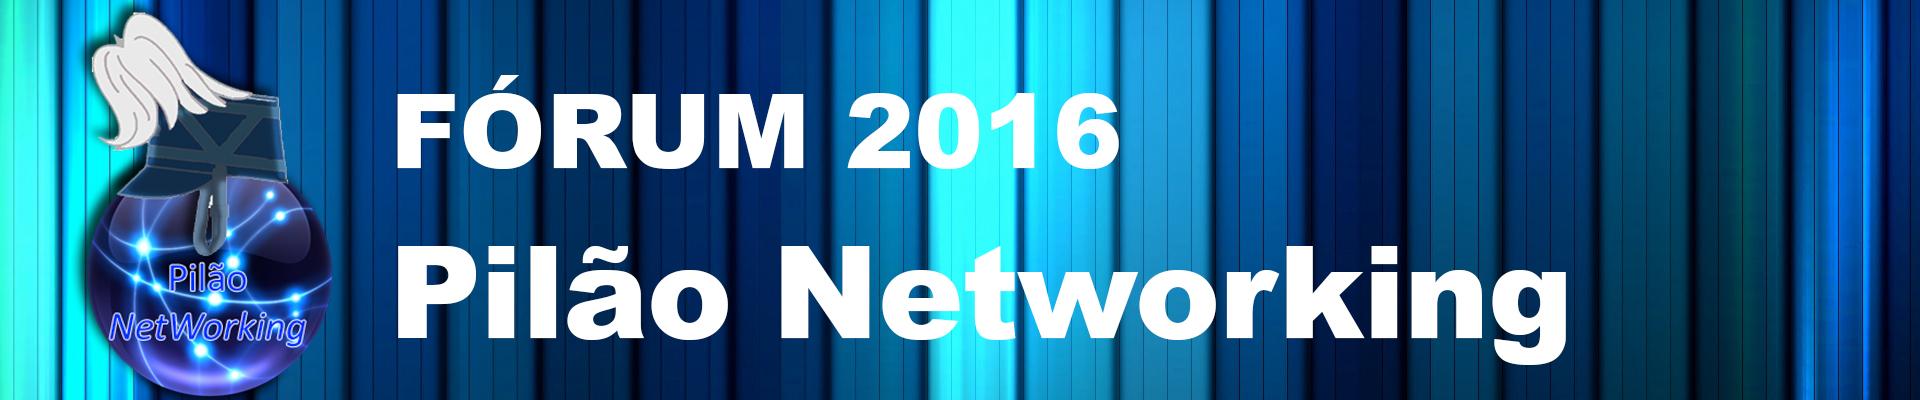 Fórum Pilão Networking 2016